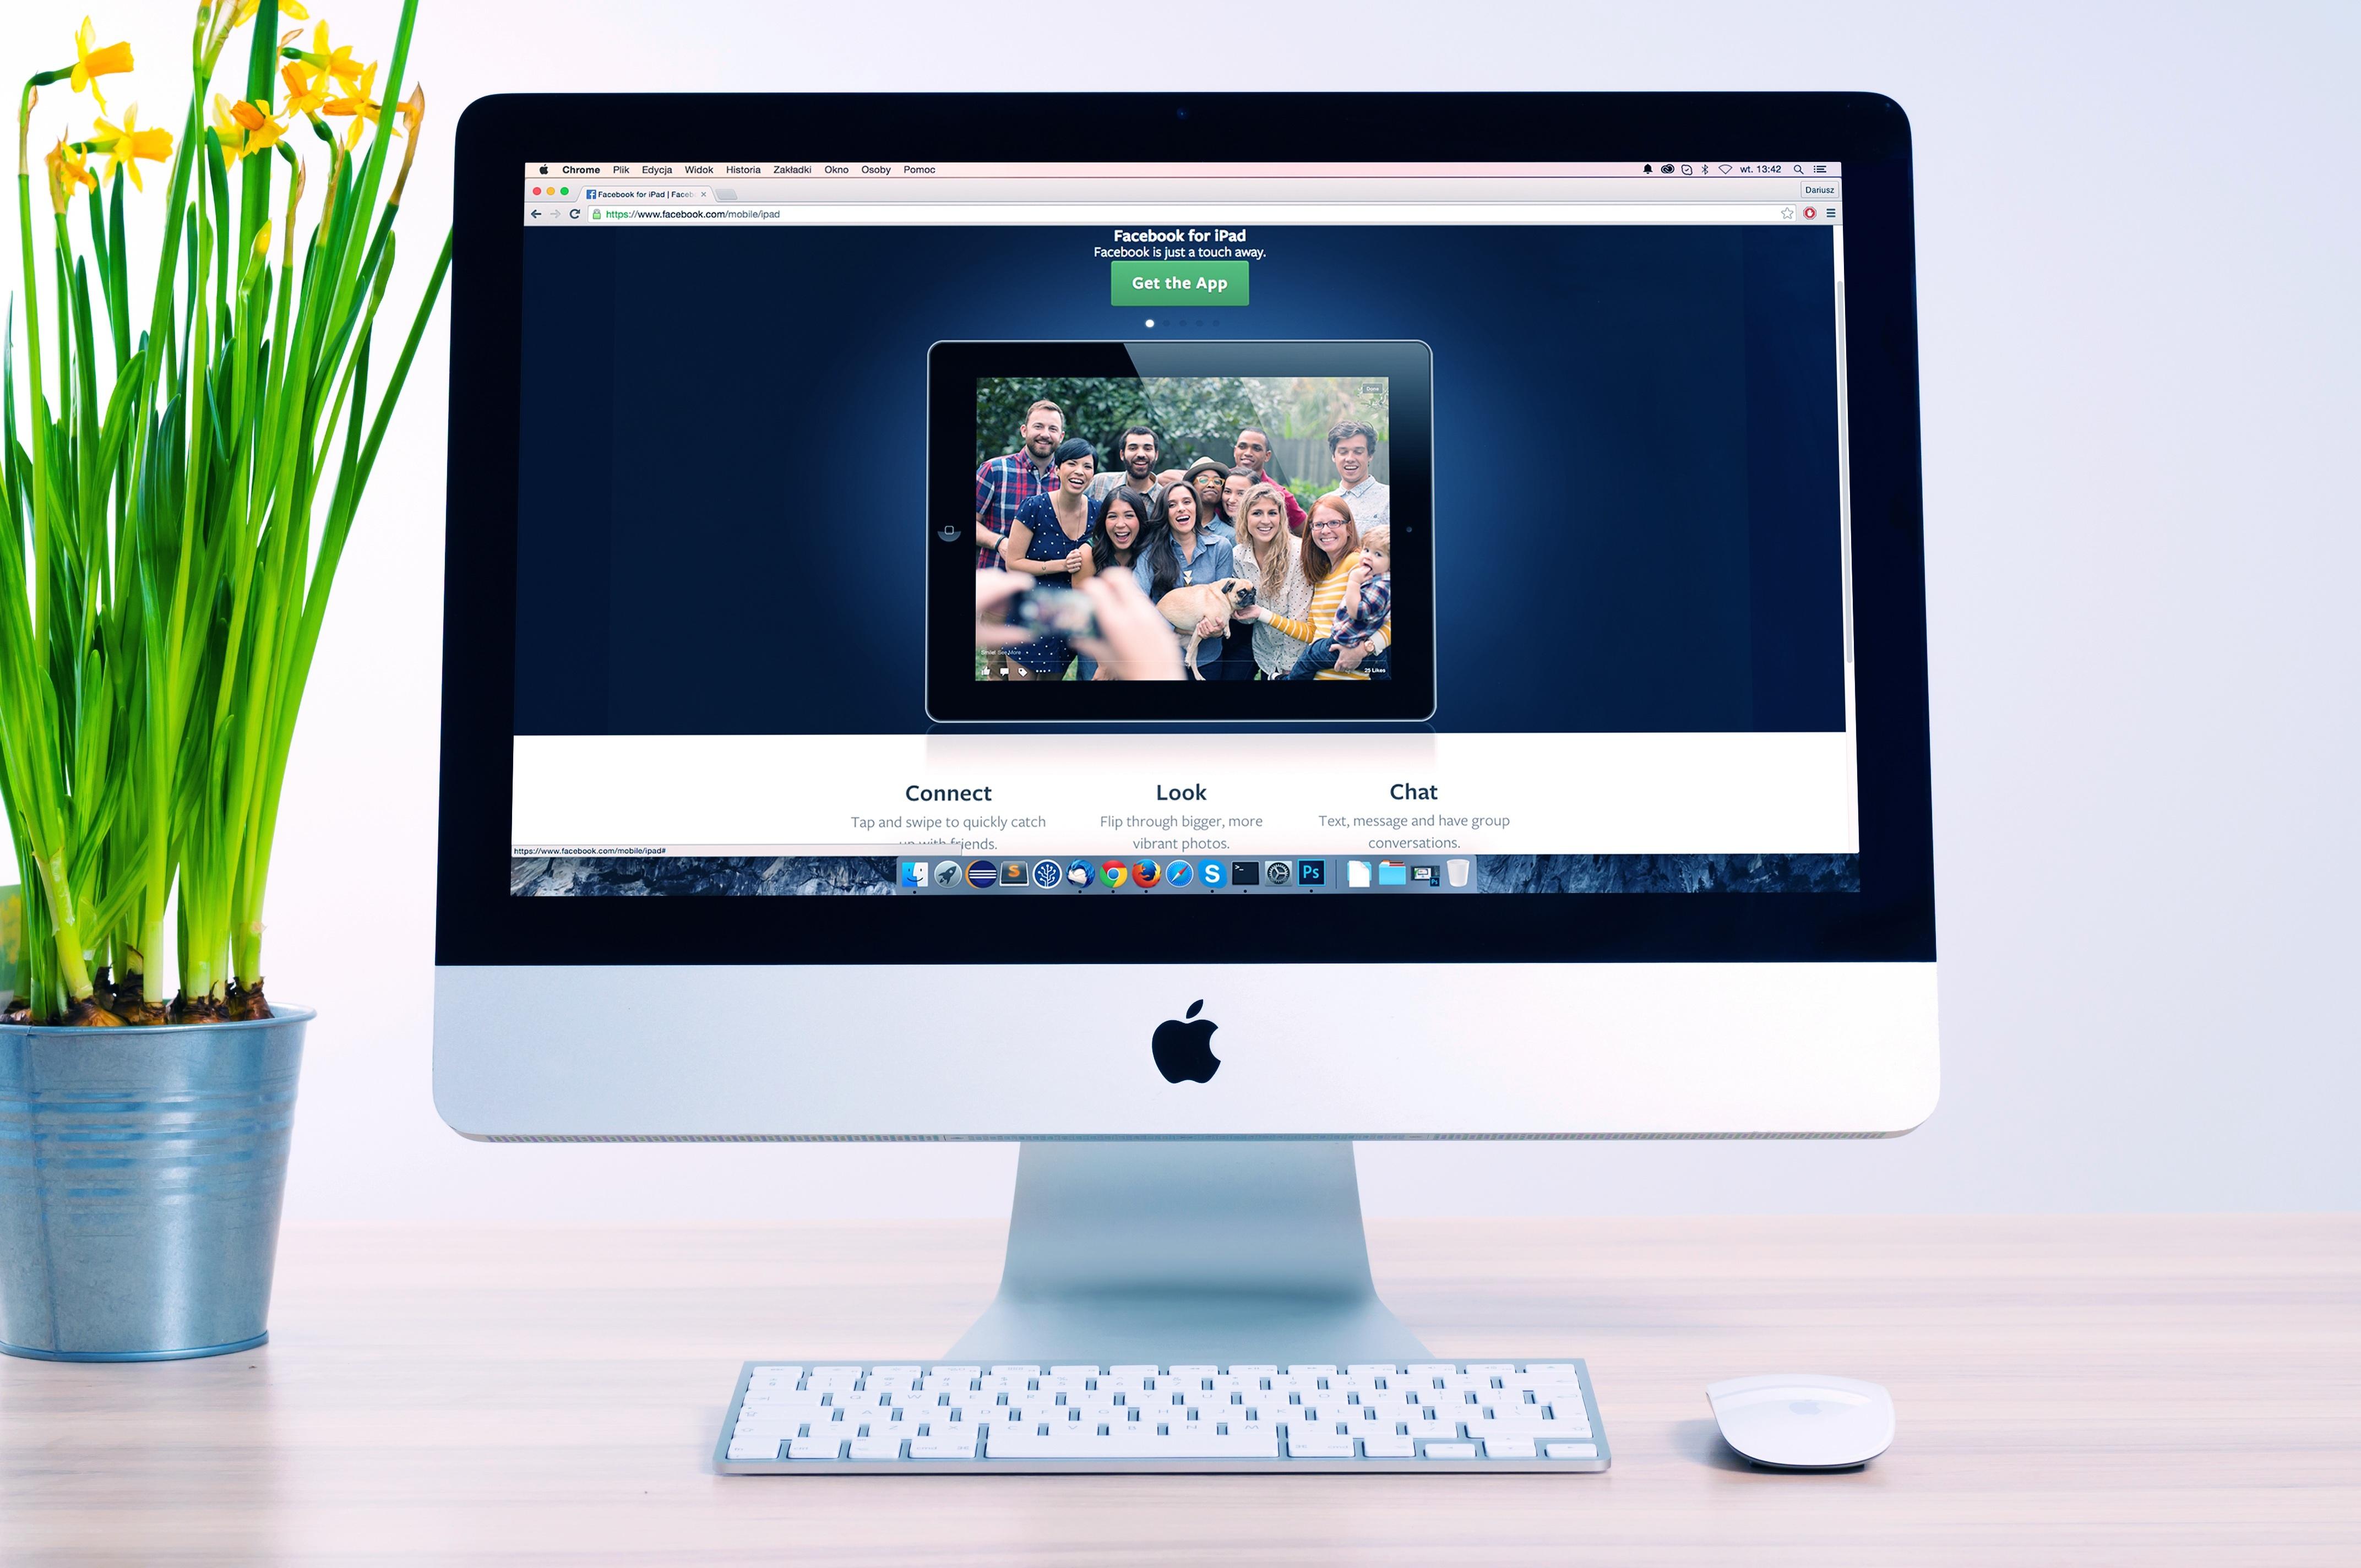 Сайты картинок на компьютер